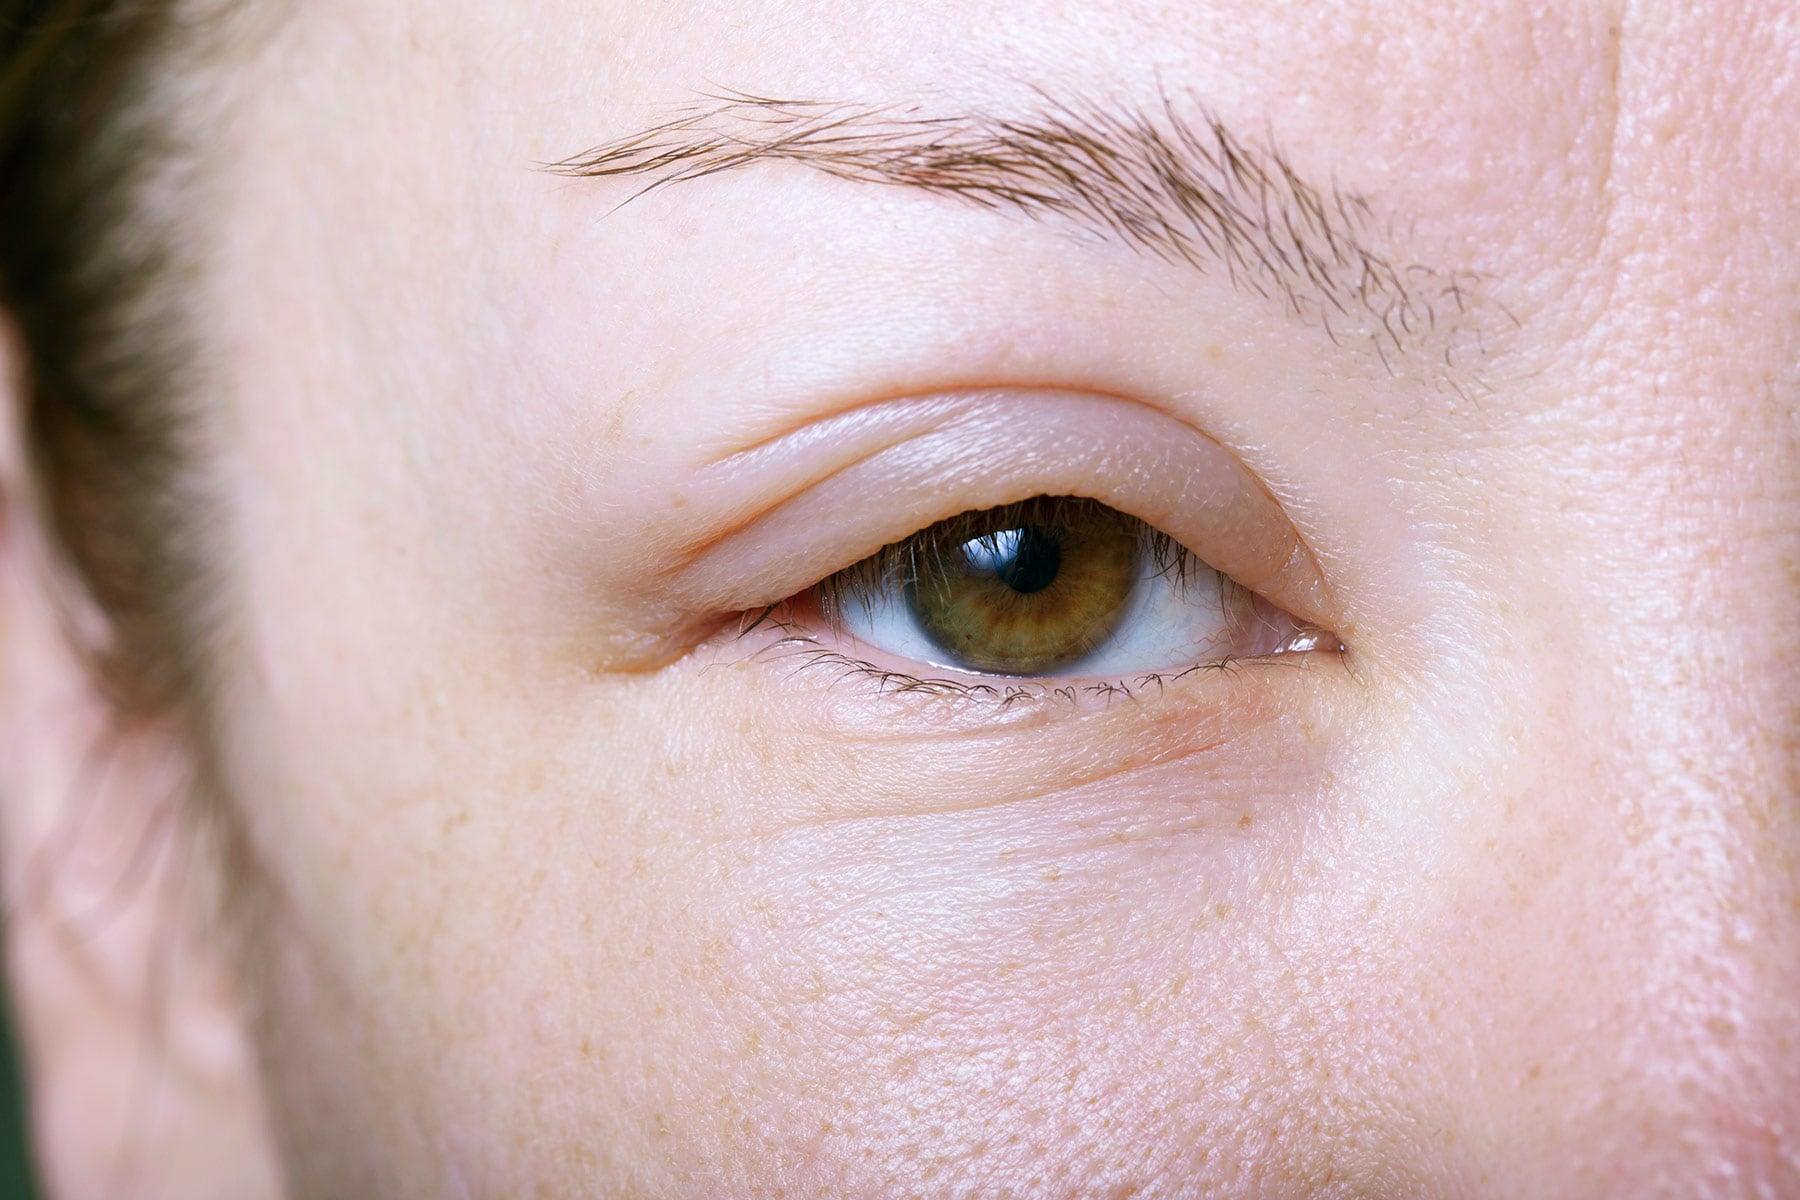 علت پف صورت بعد بیدار شدن از خواب چیست؟